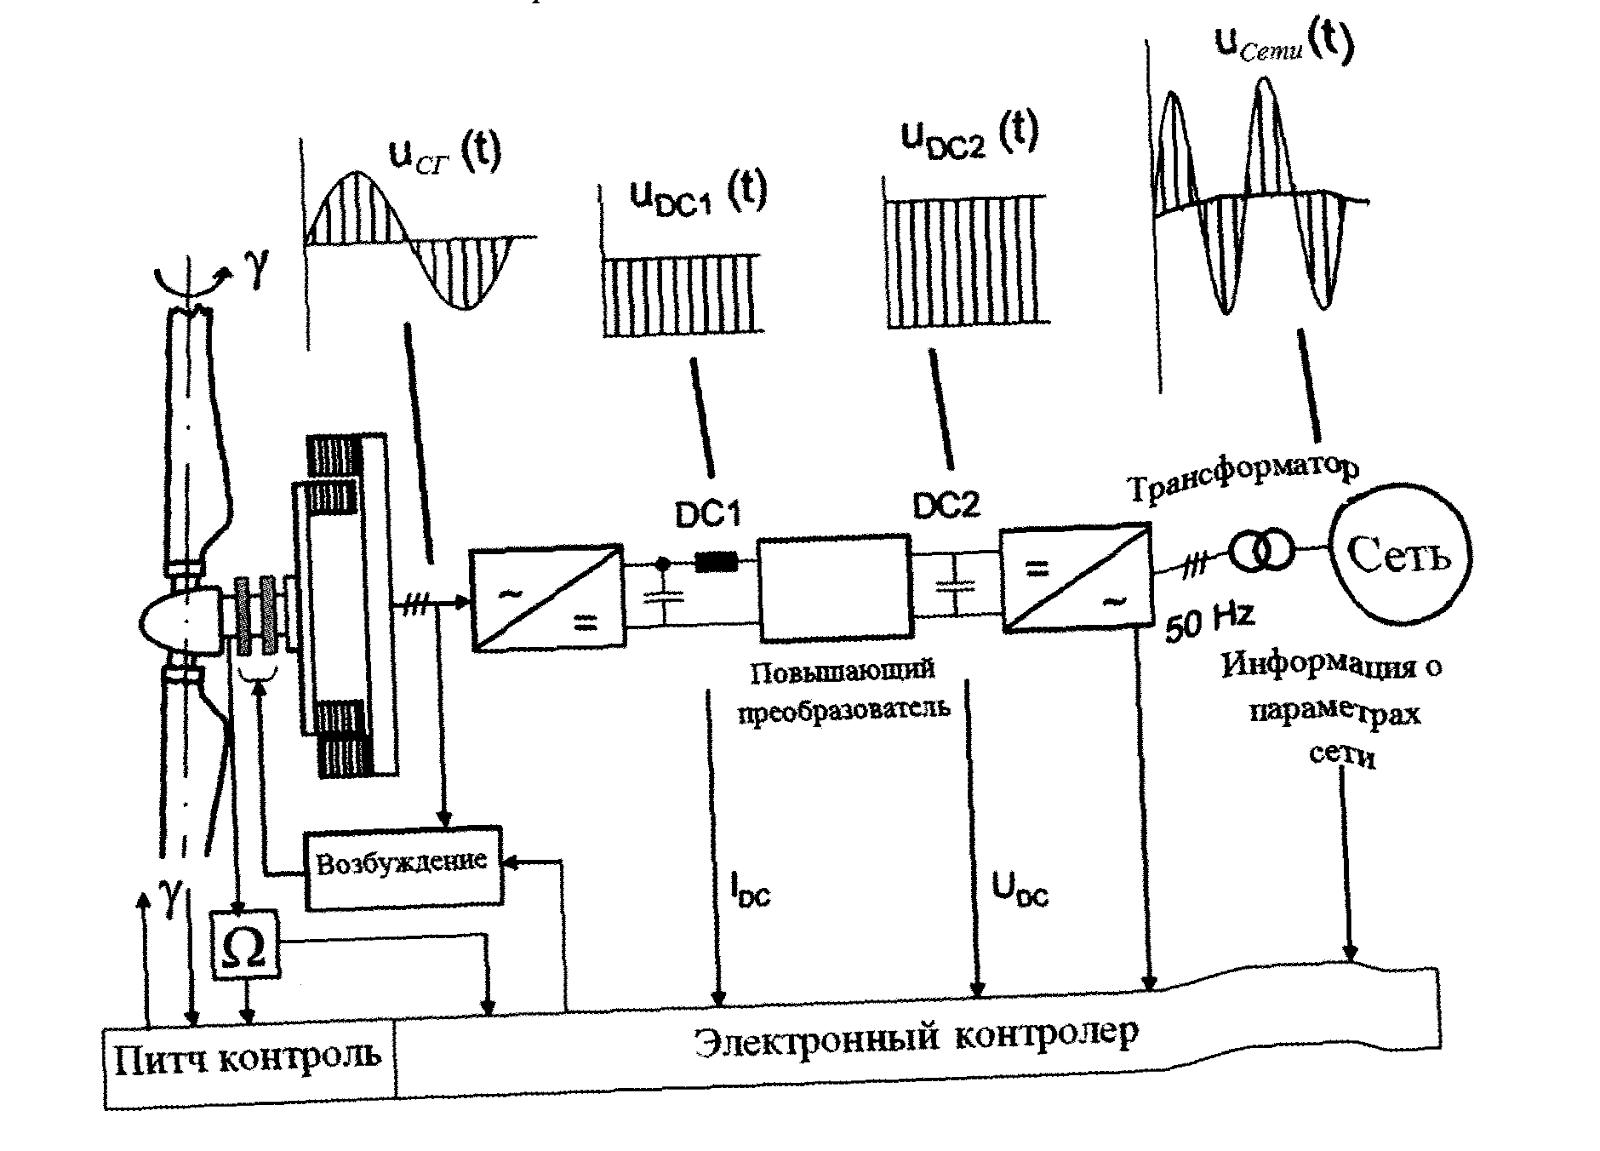 Схема ВЭУ с полным преобразователем с синхронным генератором